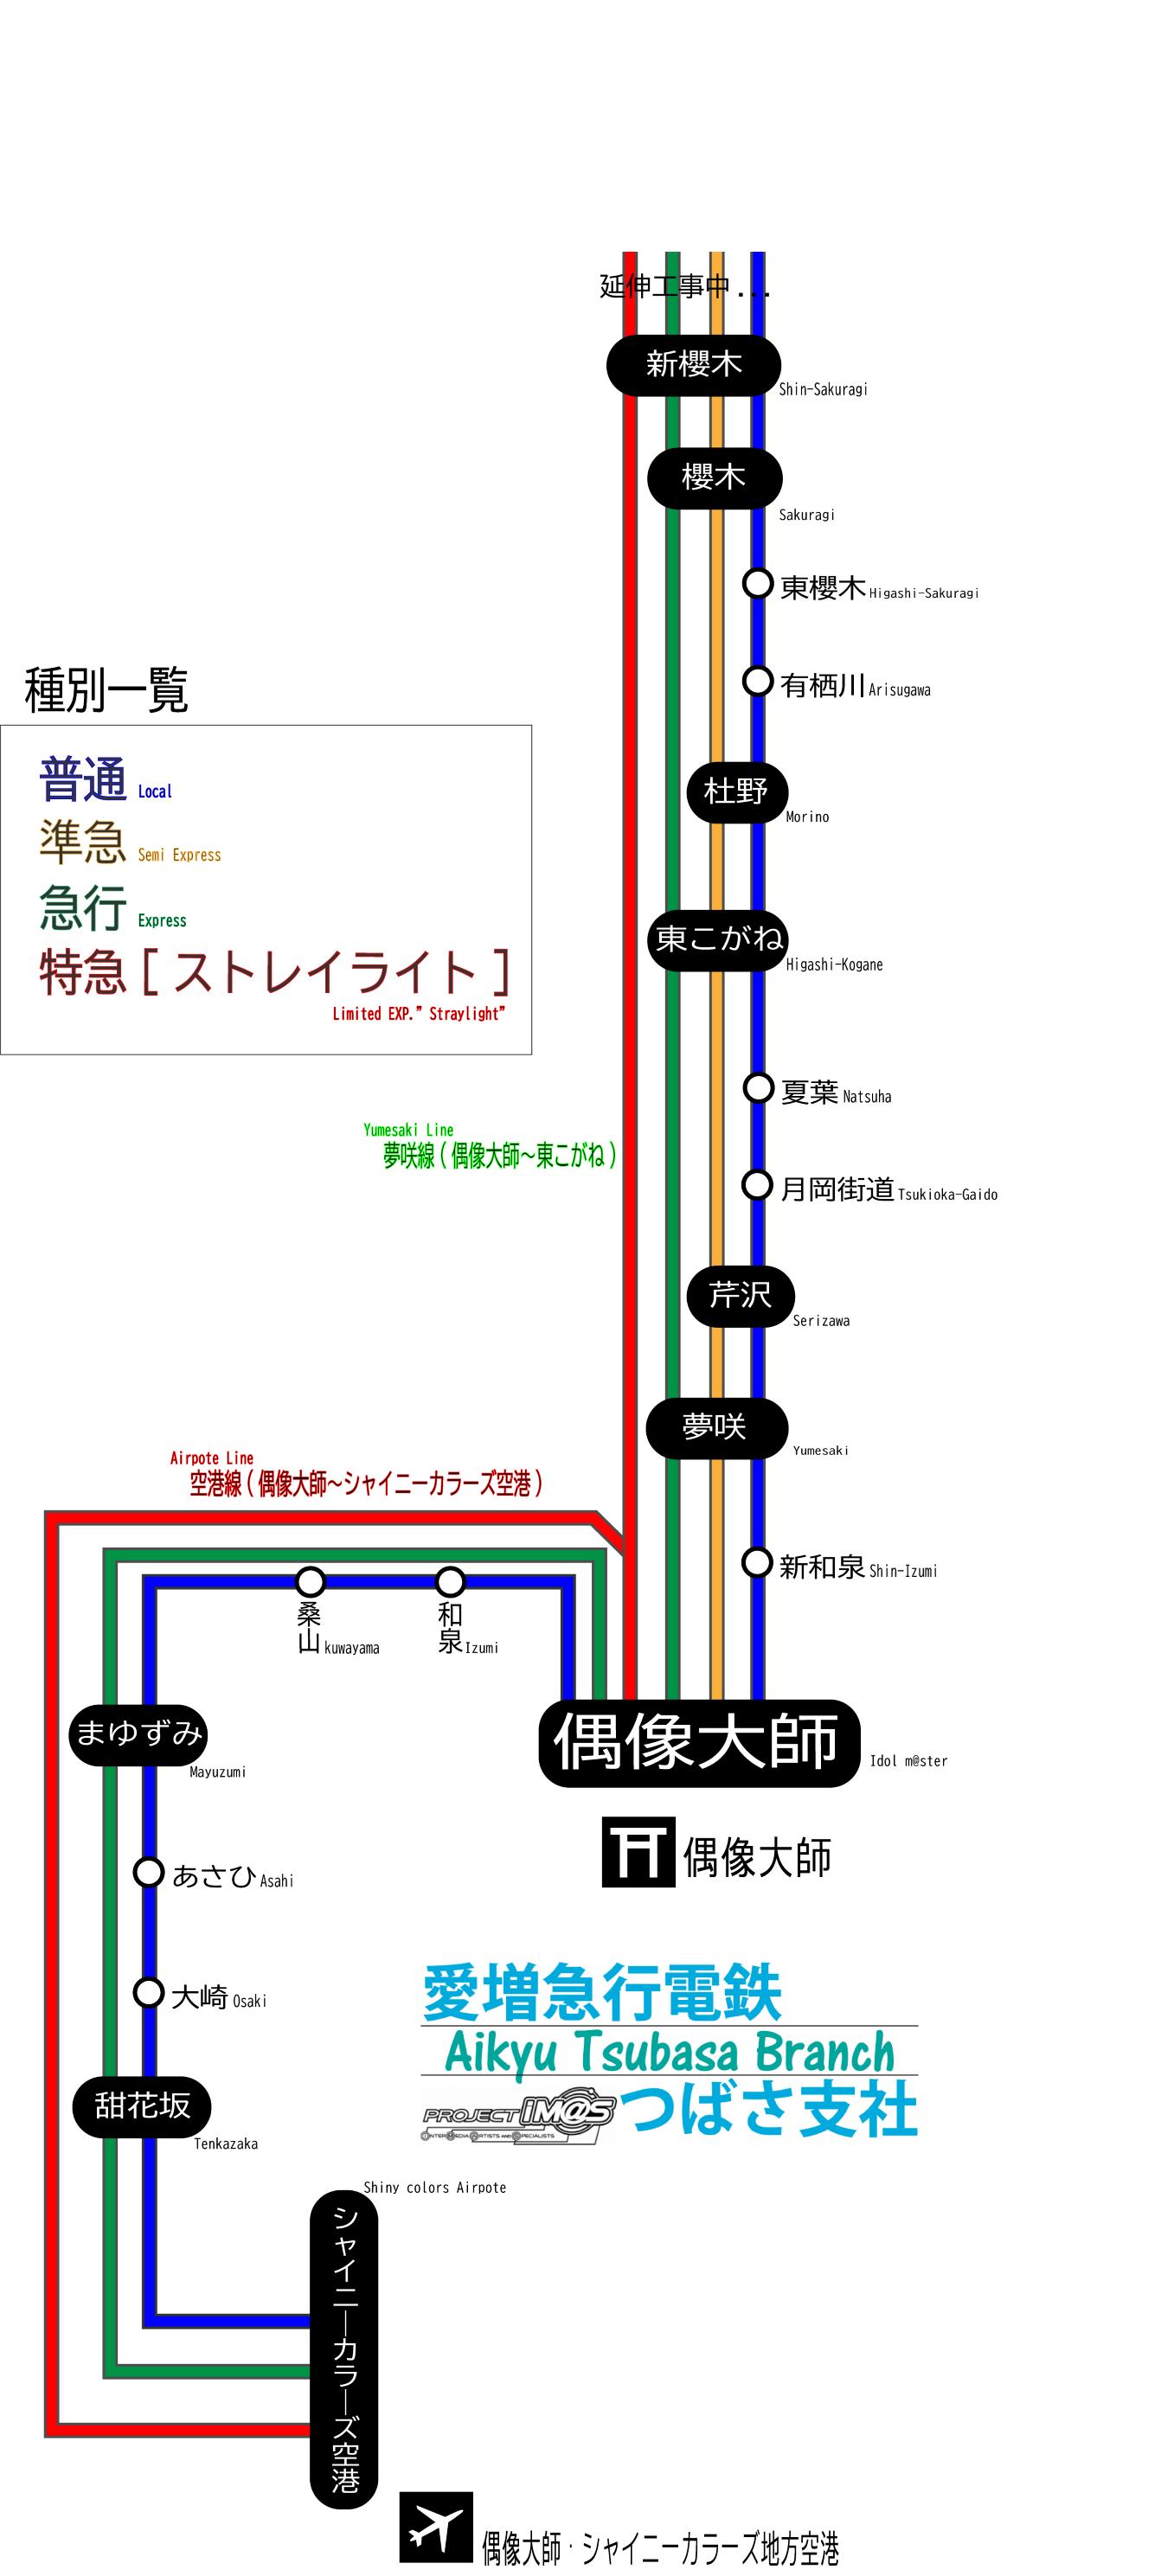 つばさ支社 第2回 路線図b - コピー2.png